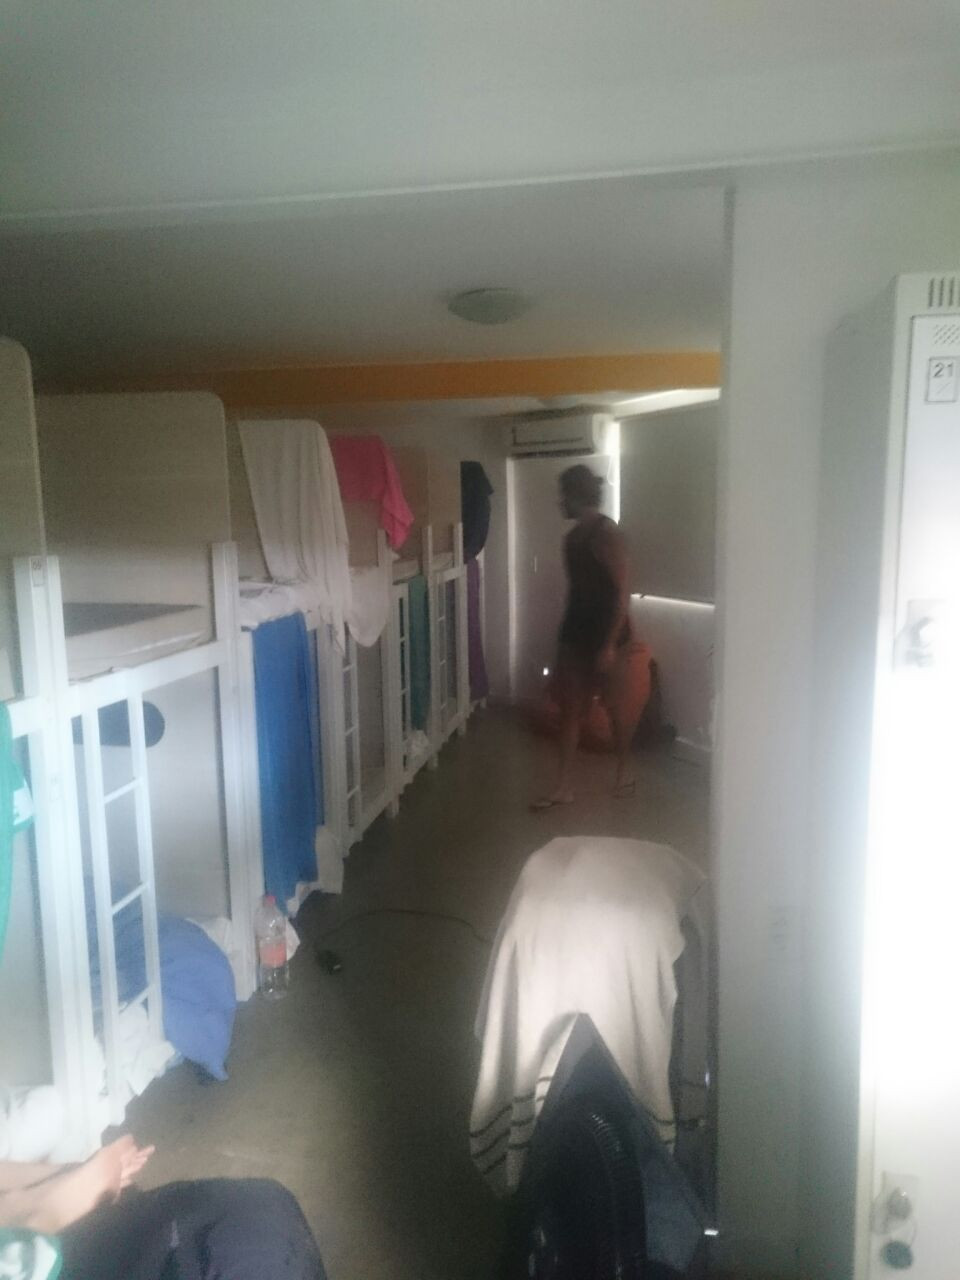 Secreto 10 bed mixed dorm